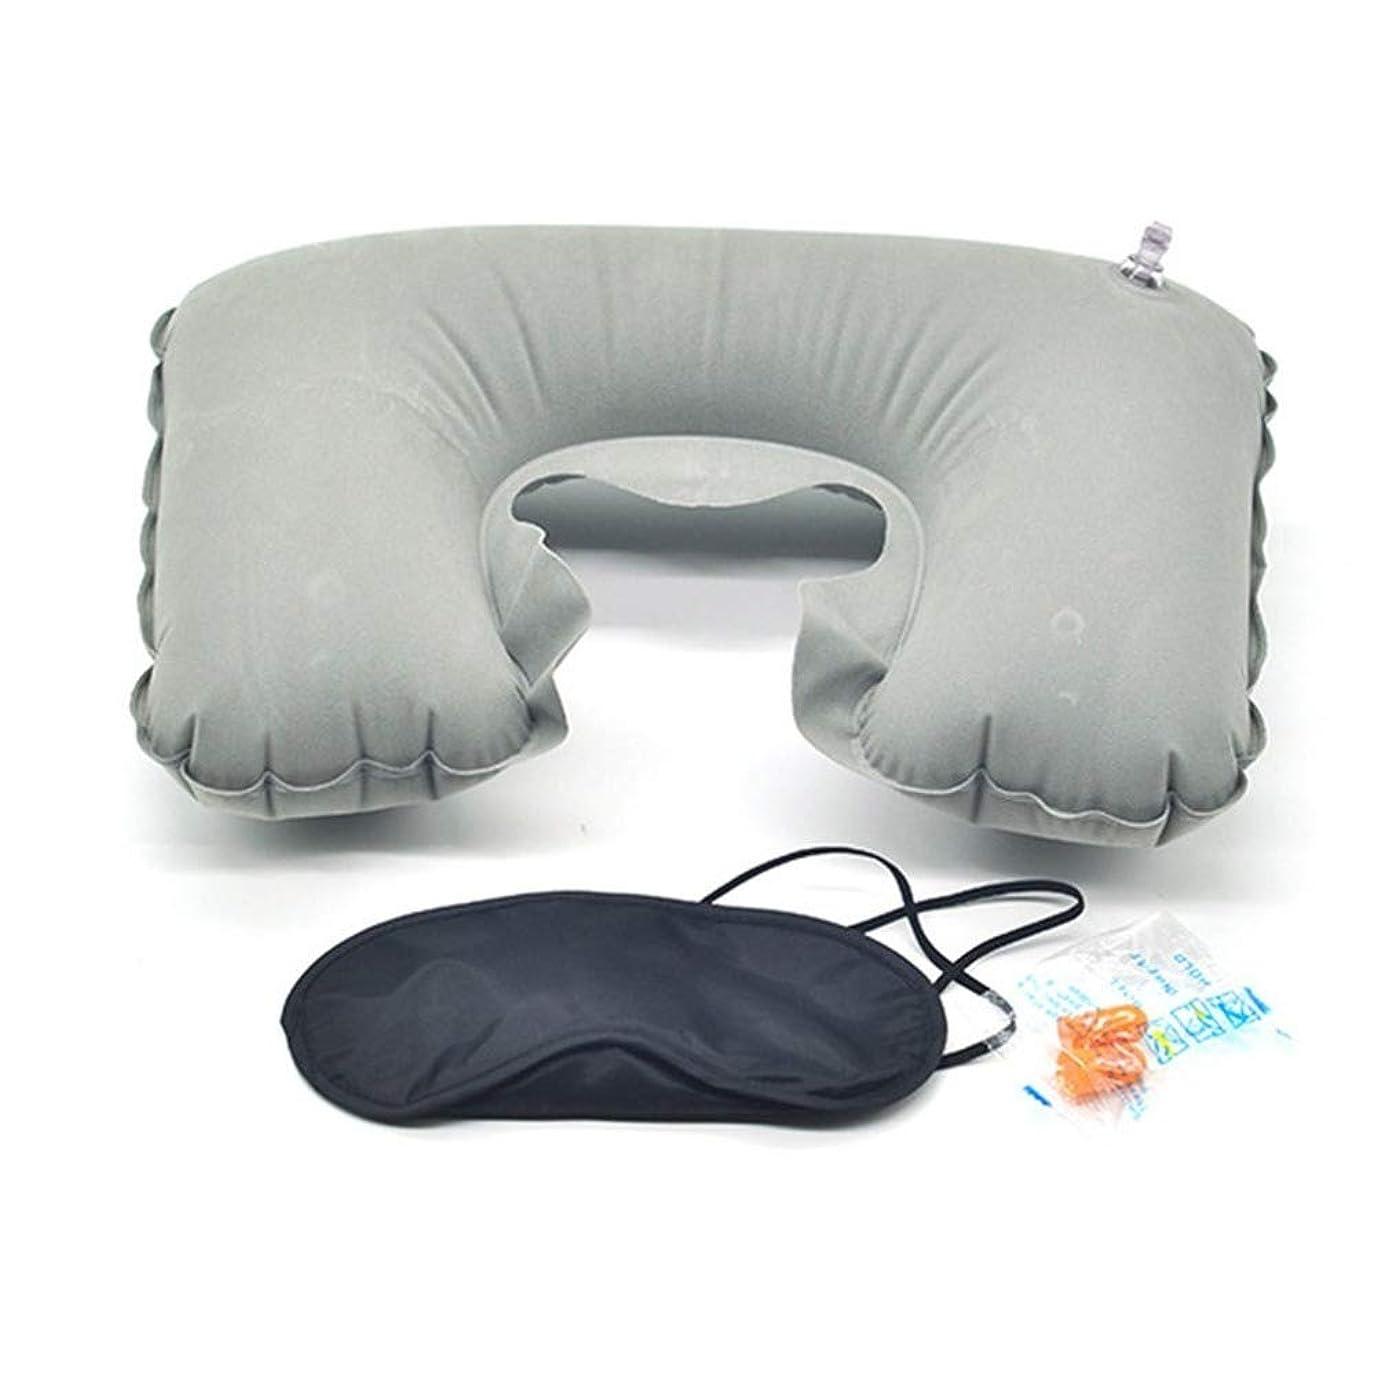 矛盾するどっちでもナチュラルNOTE カーフライトトラベルスリーピースセット群がっている枕は空気枕アイマスク耳栓U字型植毛枕ネックレストを含みます